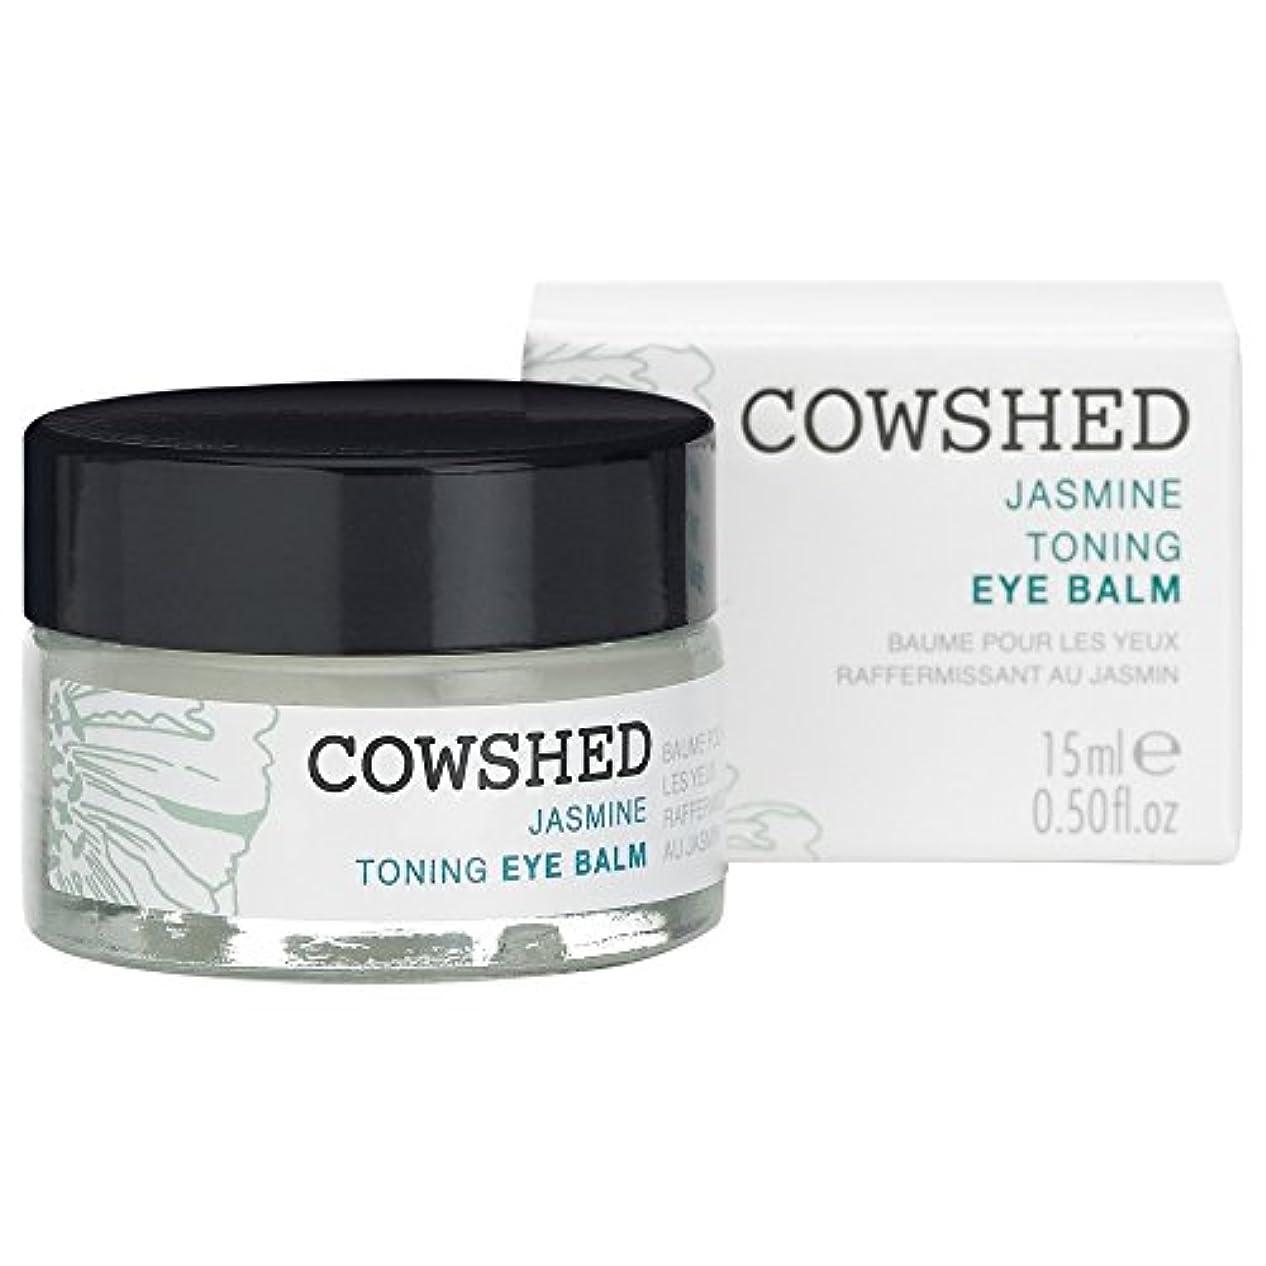 礼拝ミル一目牛舎ジャスミン調色アイクリーム15ミリリットル (Cowshed) (x2) - Cowshed Jasmine Toning Eye Balm 15ml (Pack of 2) [並行輸入品]